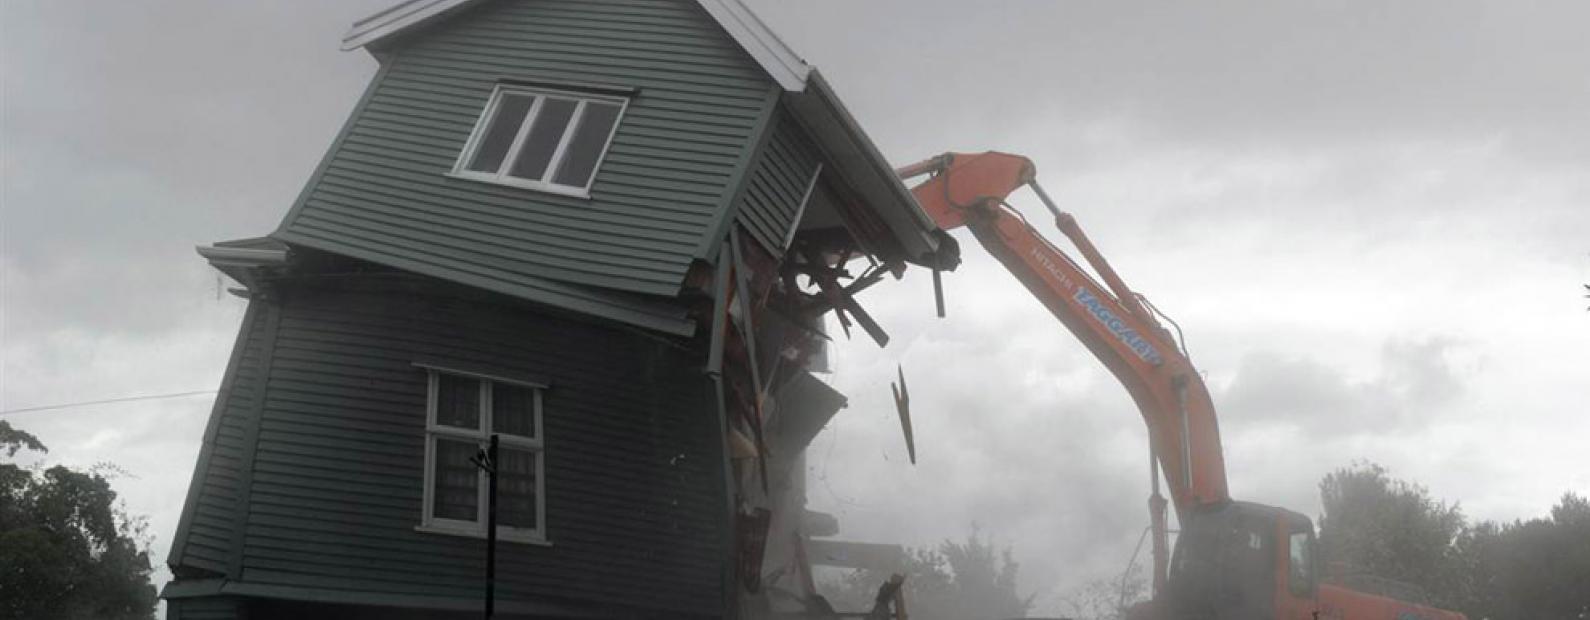 Как снести старый дом